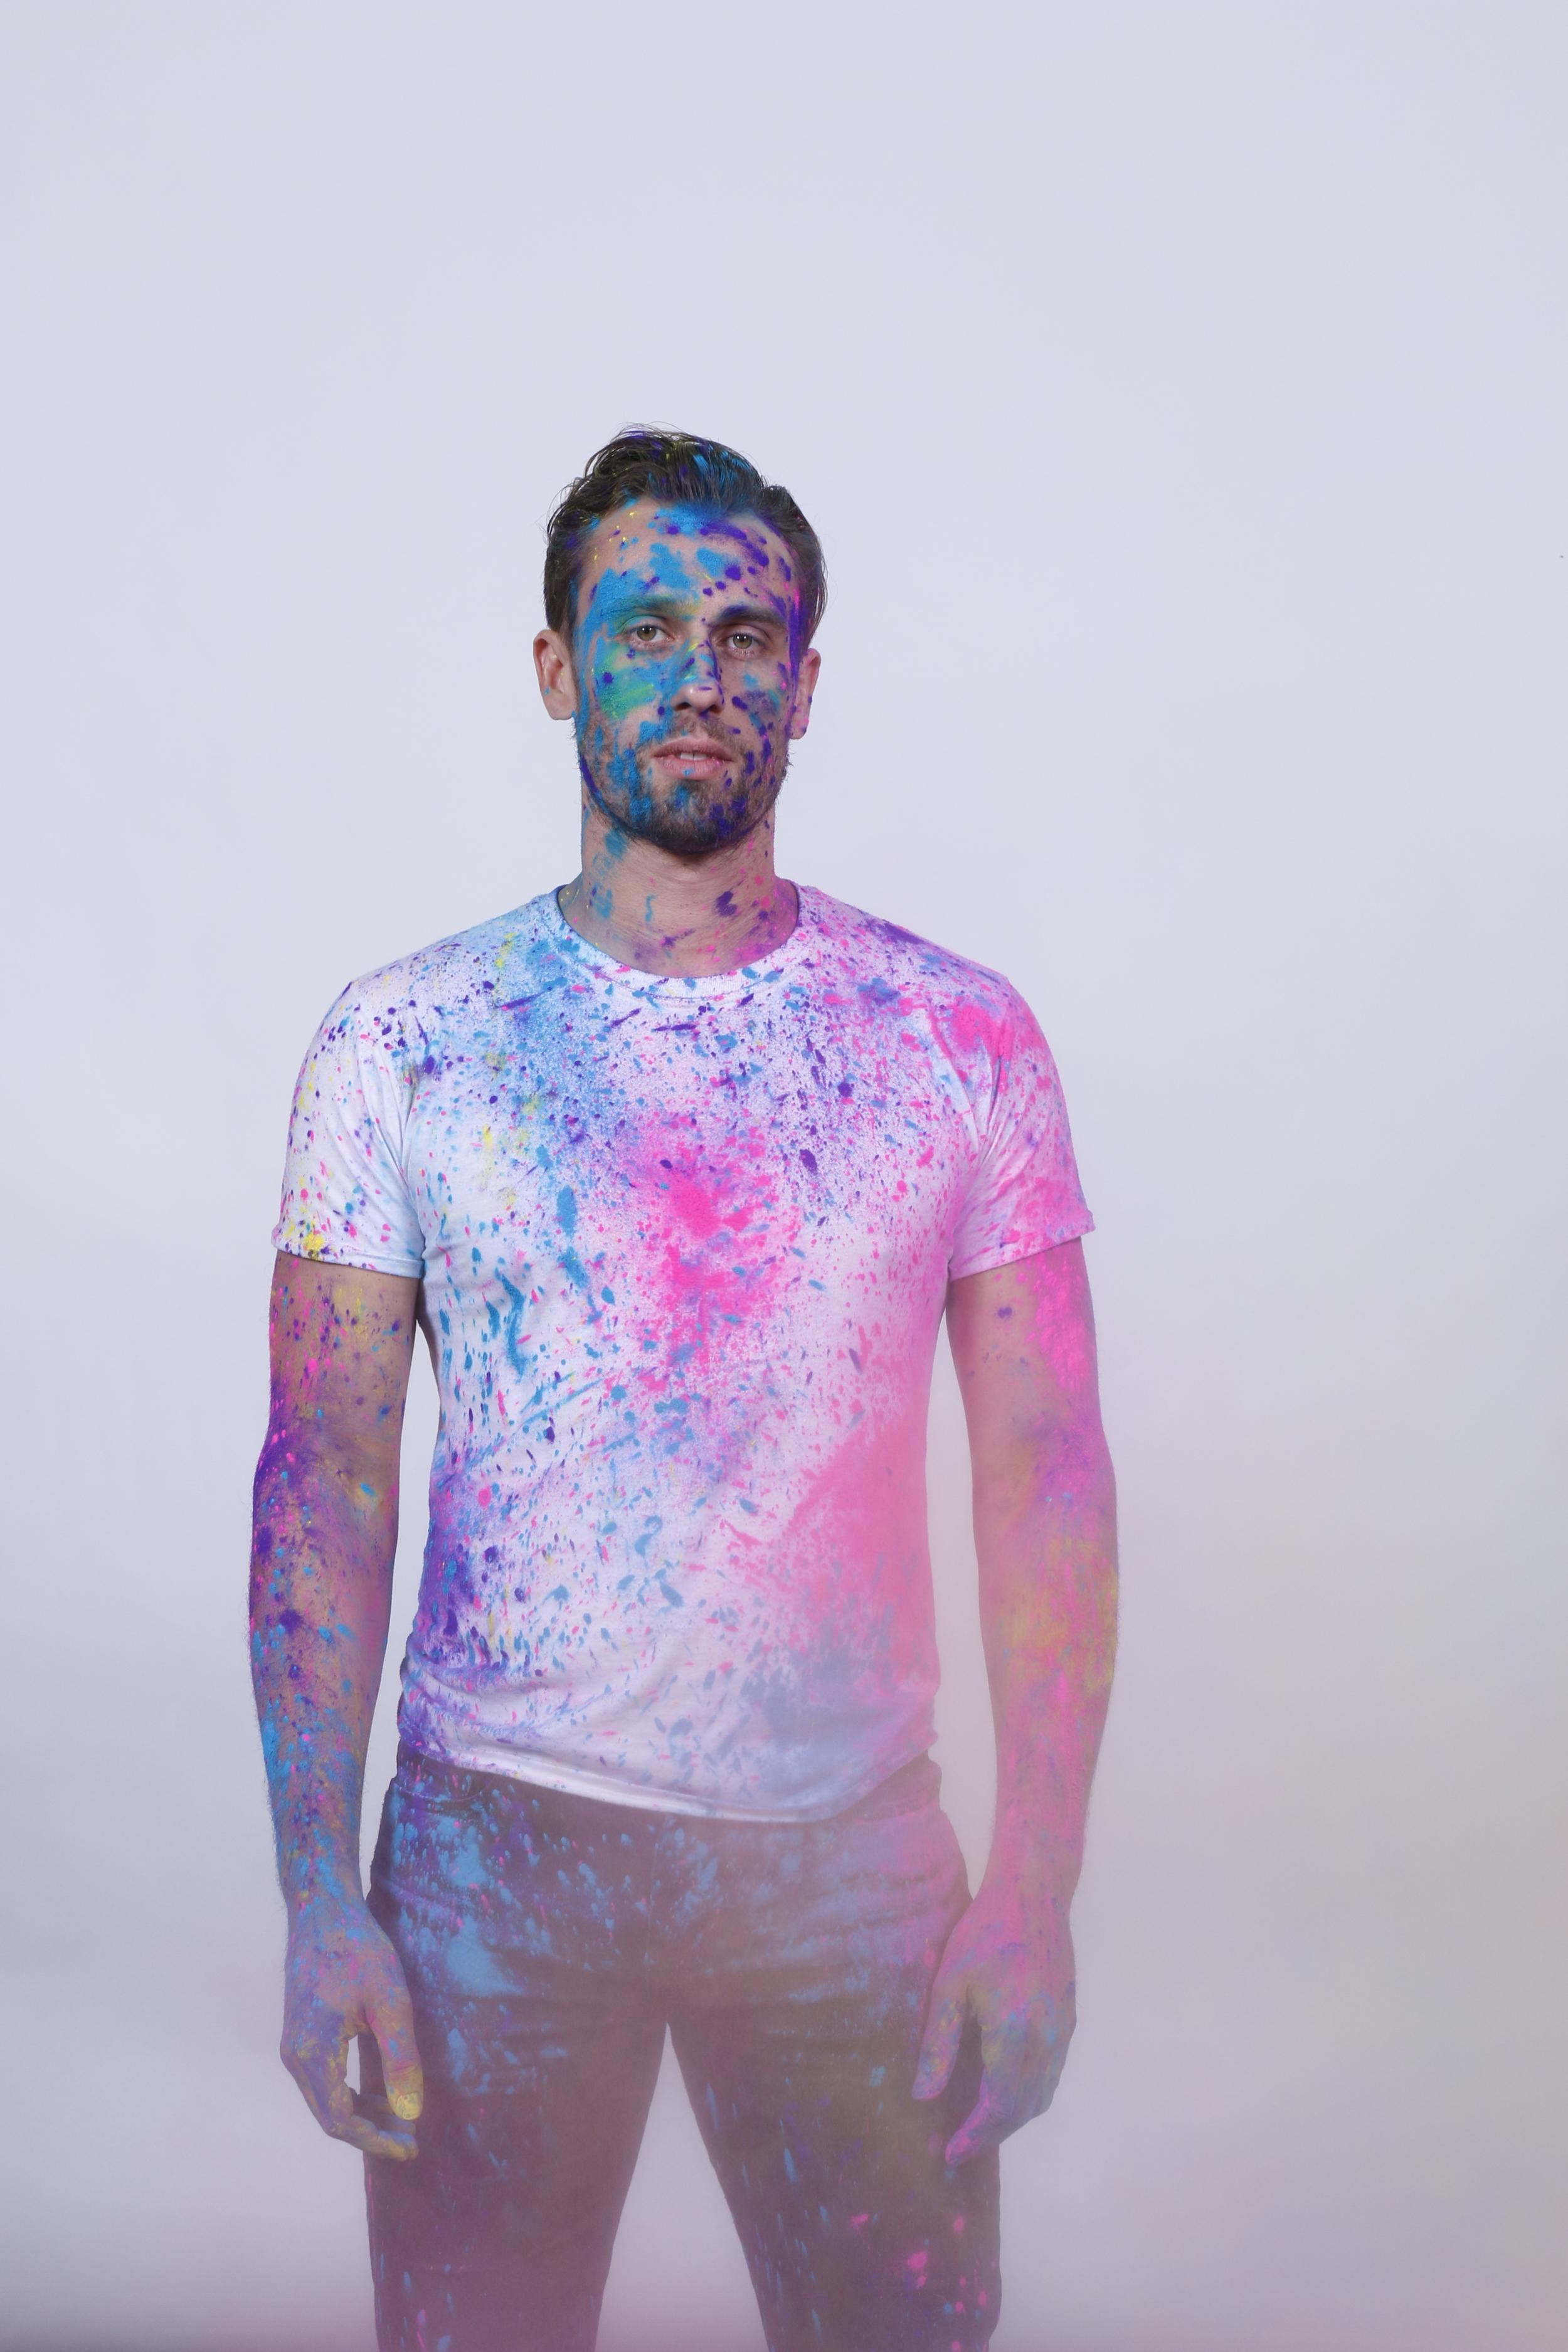 Paintedcolors.JPG